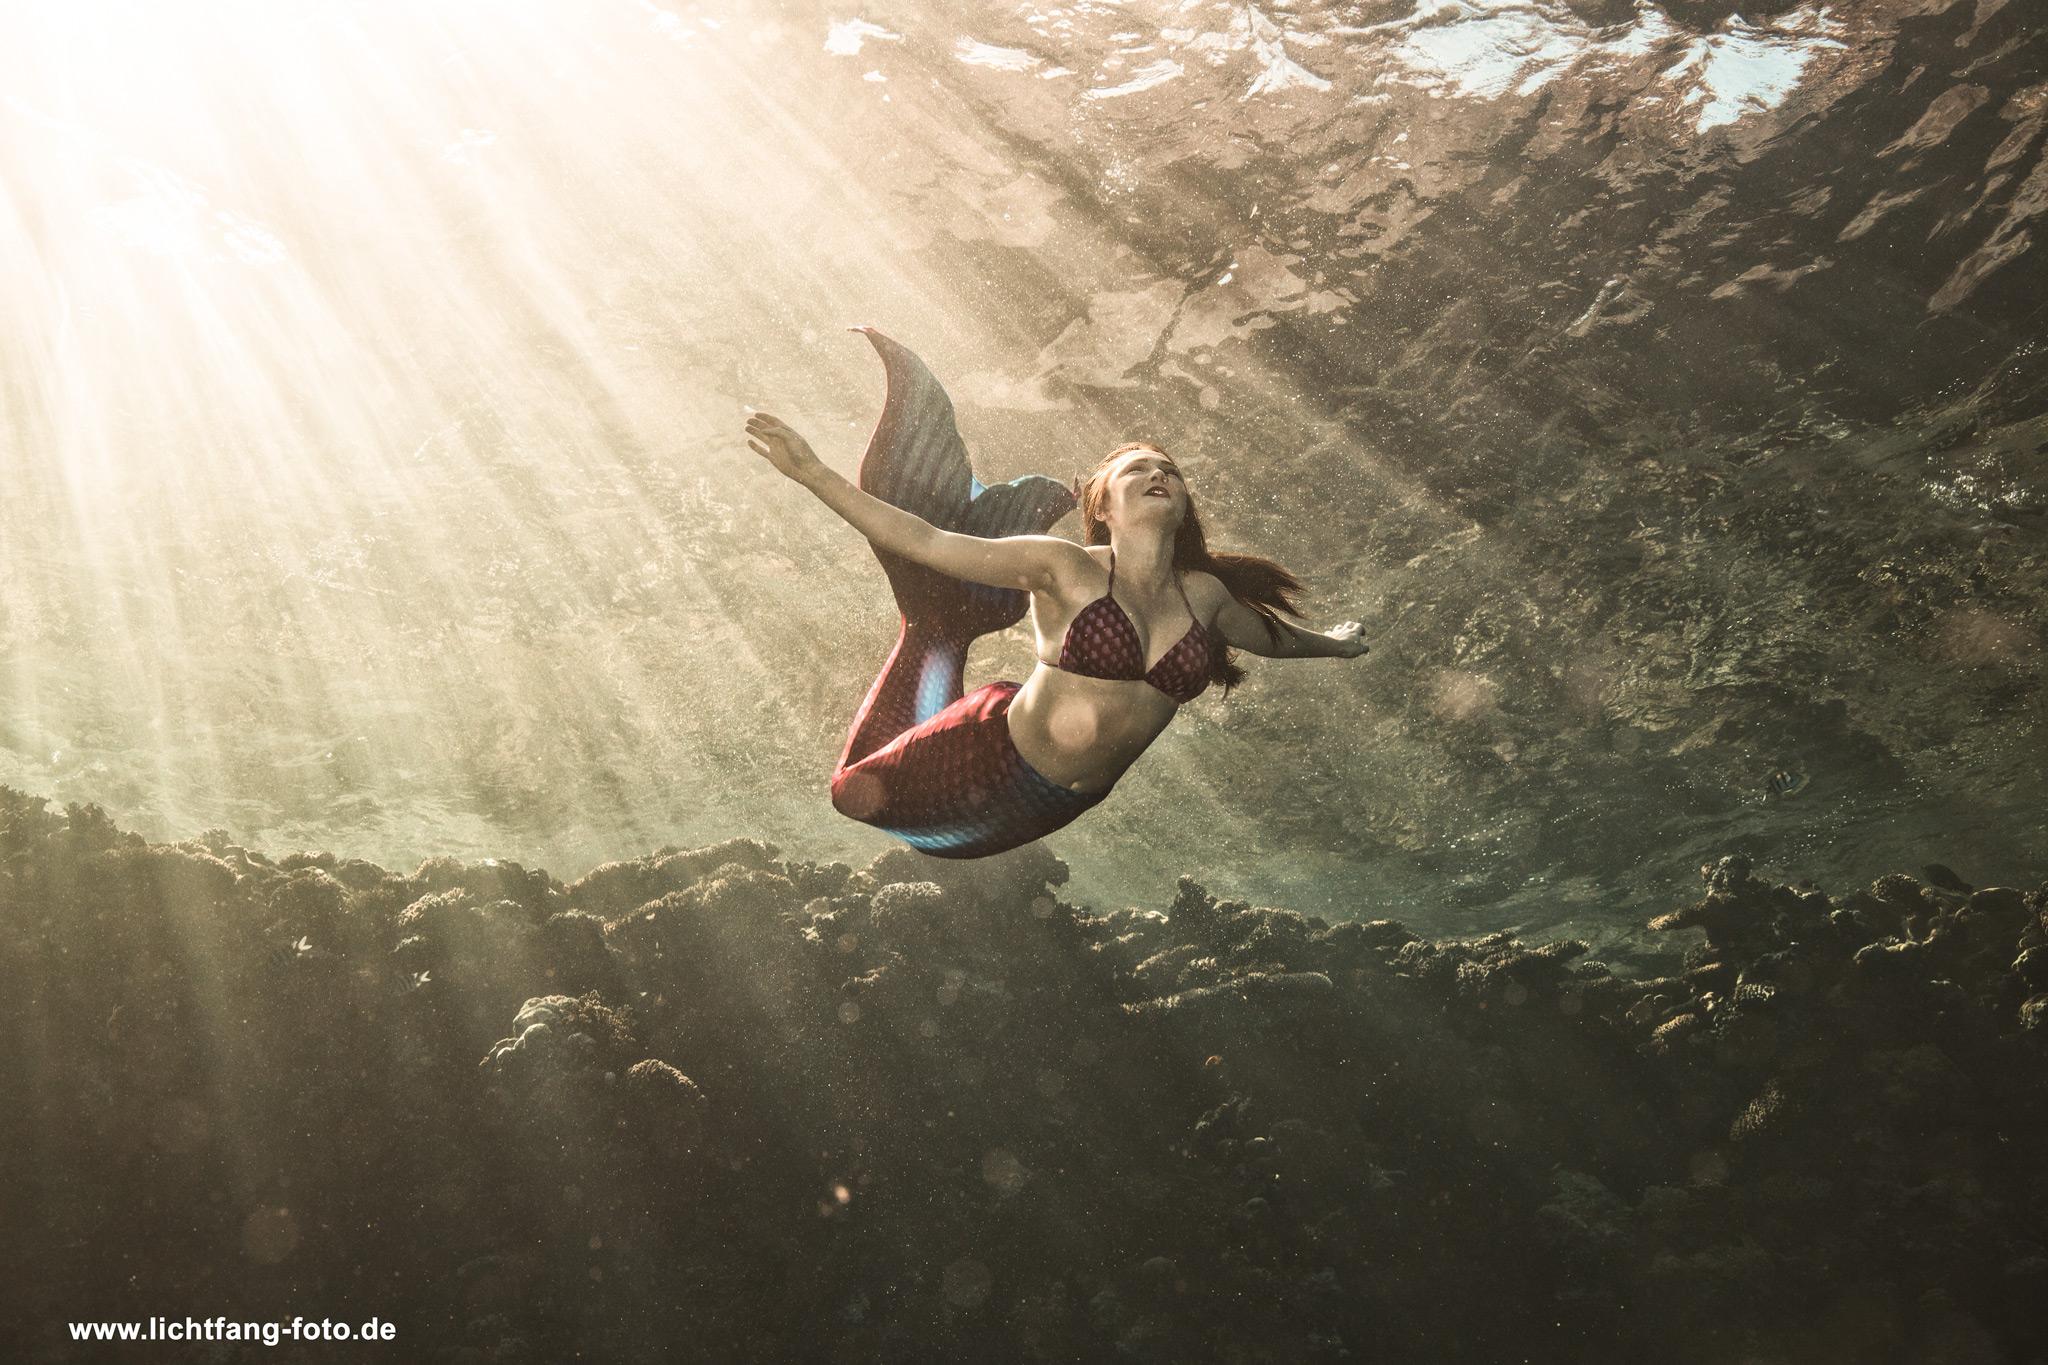 Unterwasser Fotoshootinglichtfang Fotografie Weimar